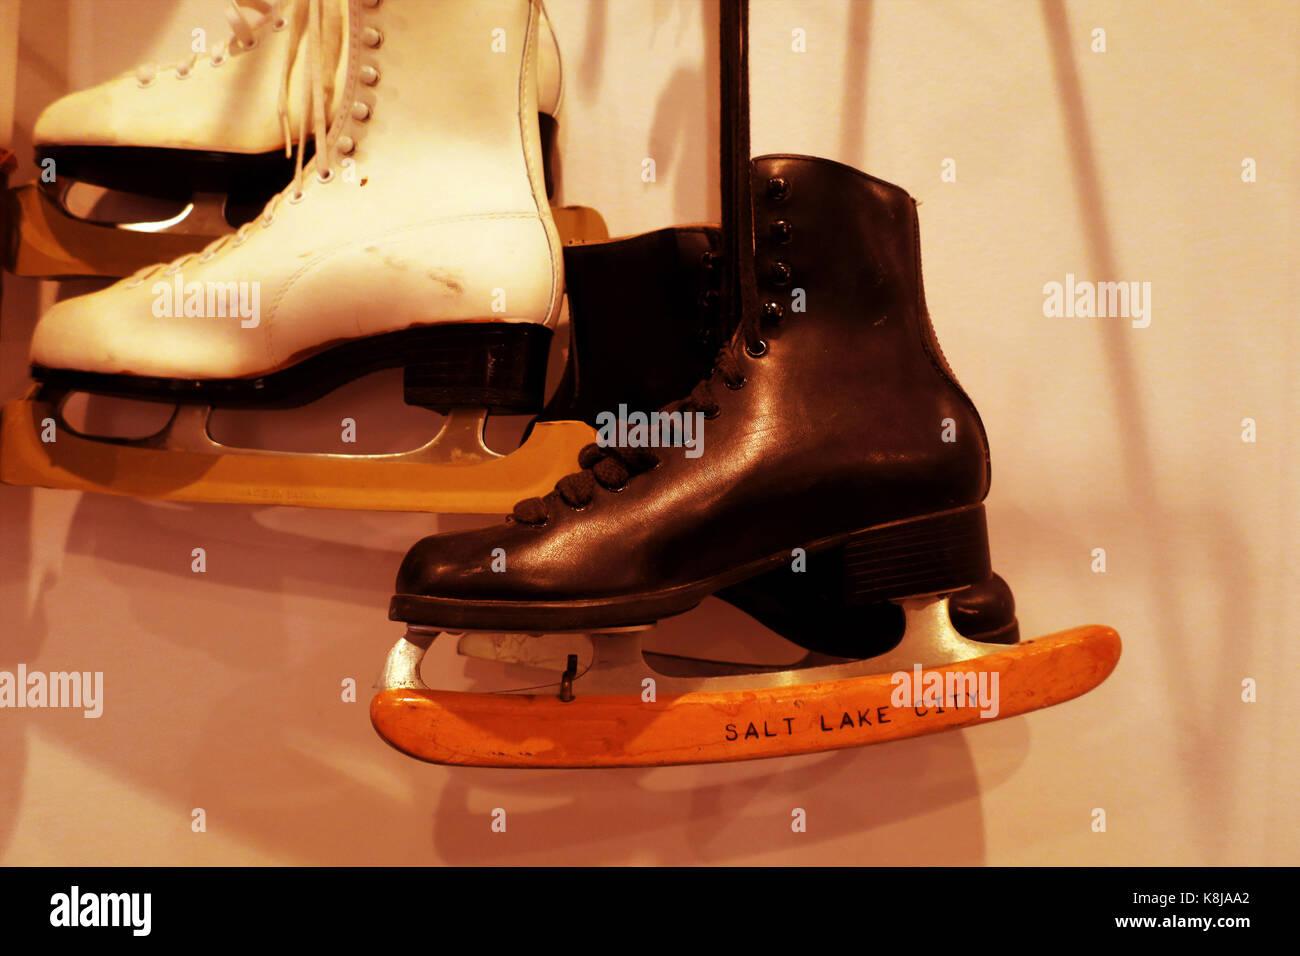 Deux paires de patins à glace à l'ancienne accroché au mur avec un effet. Photo Stock